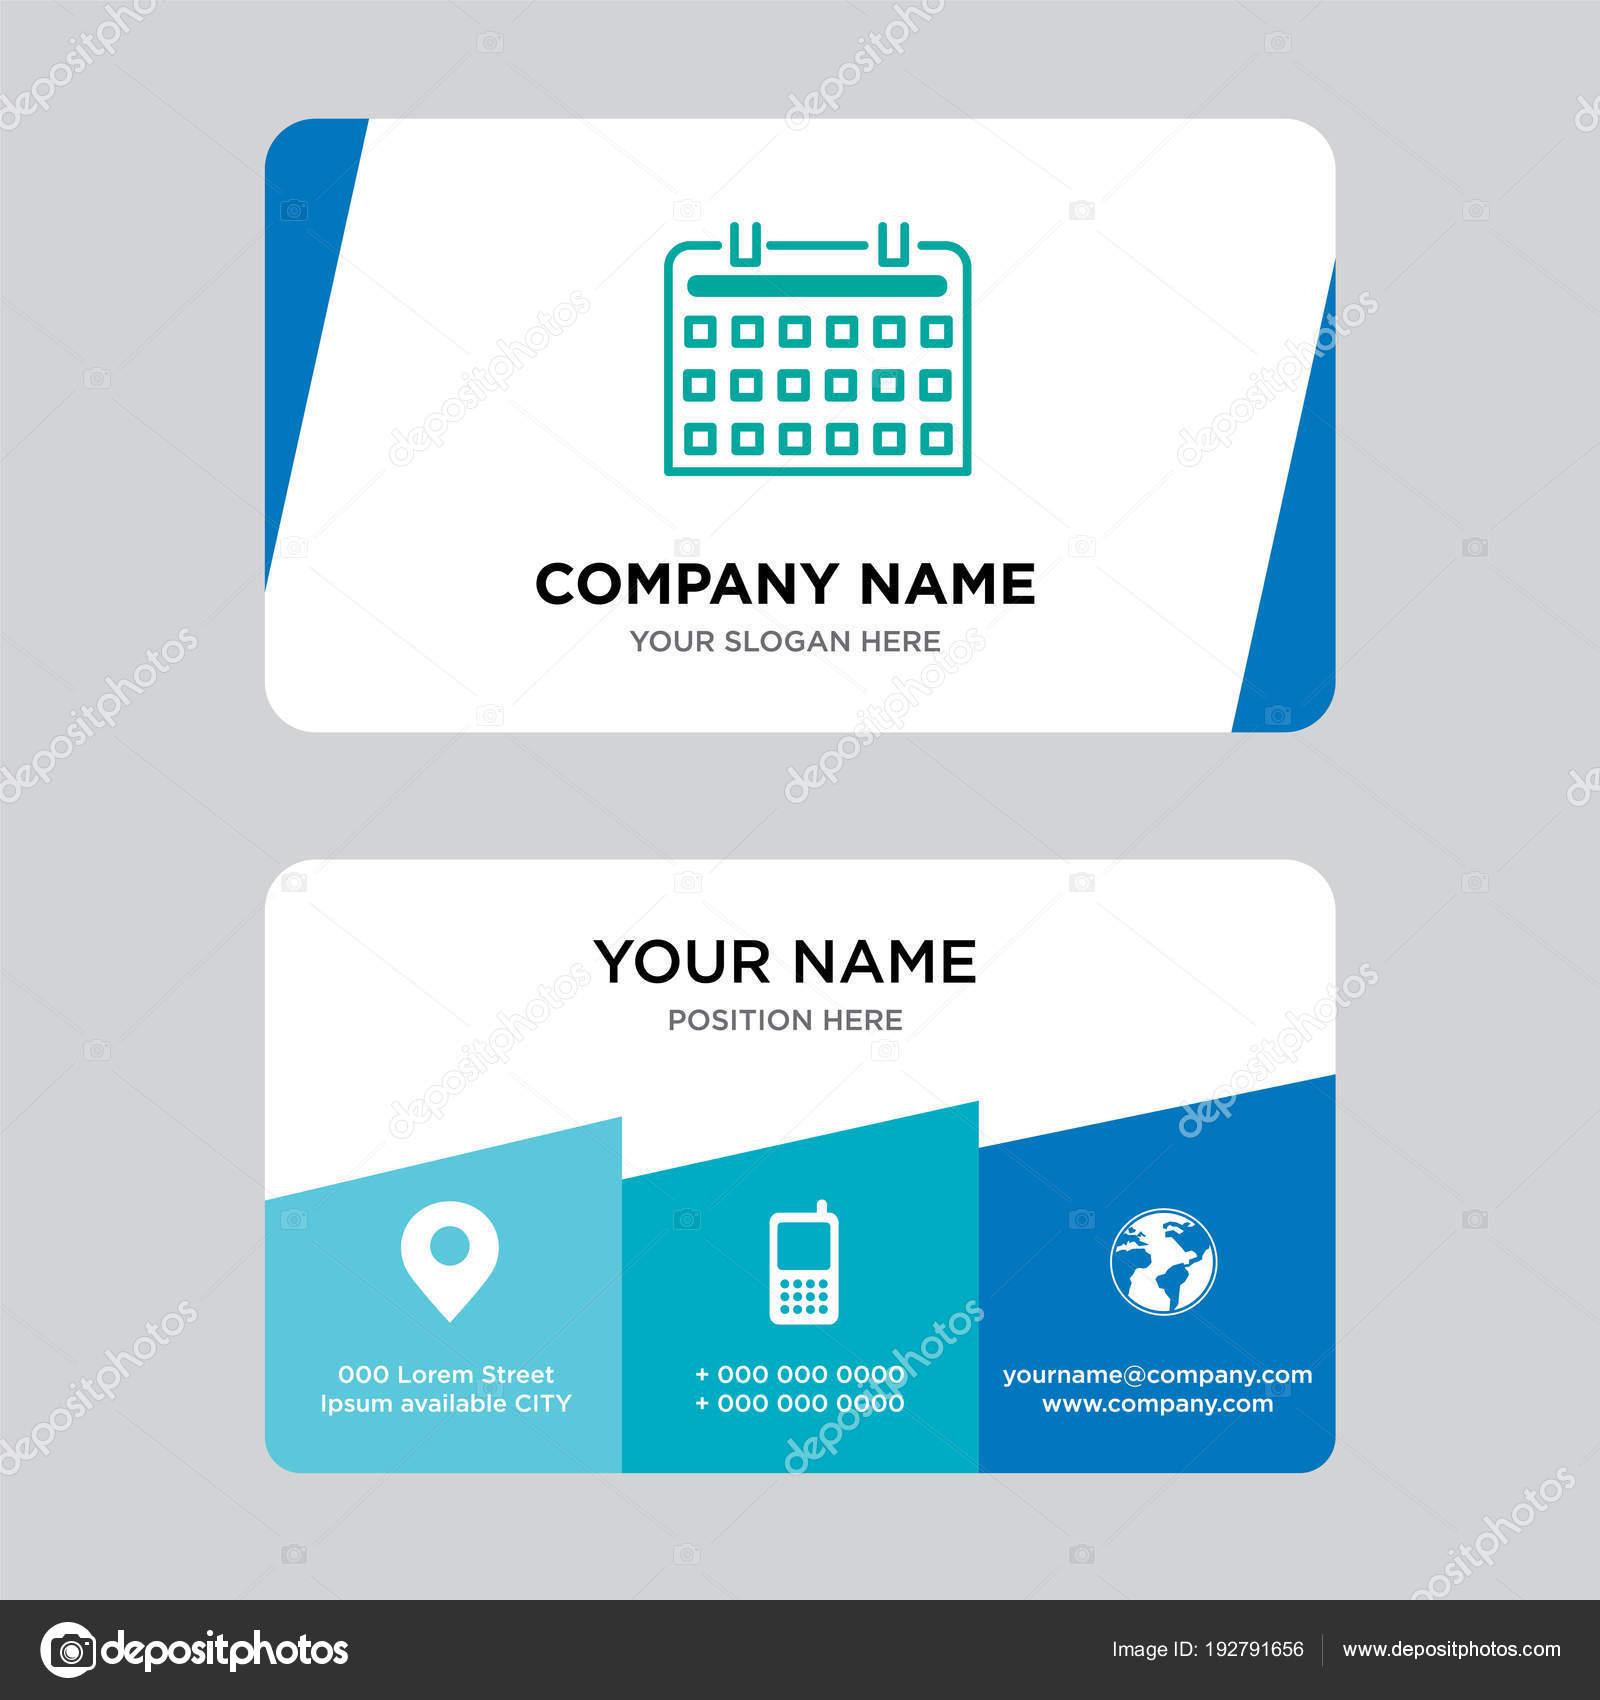 plantilla de diseño de teclado tarjeta de visita — Vector de stock ...